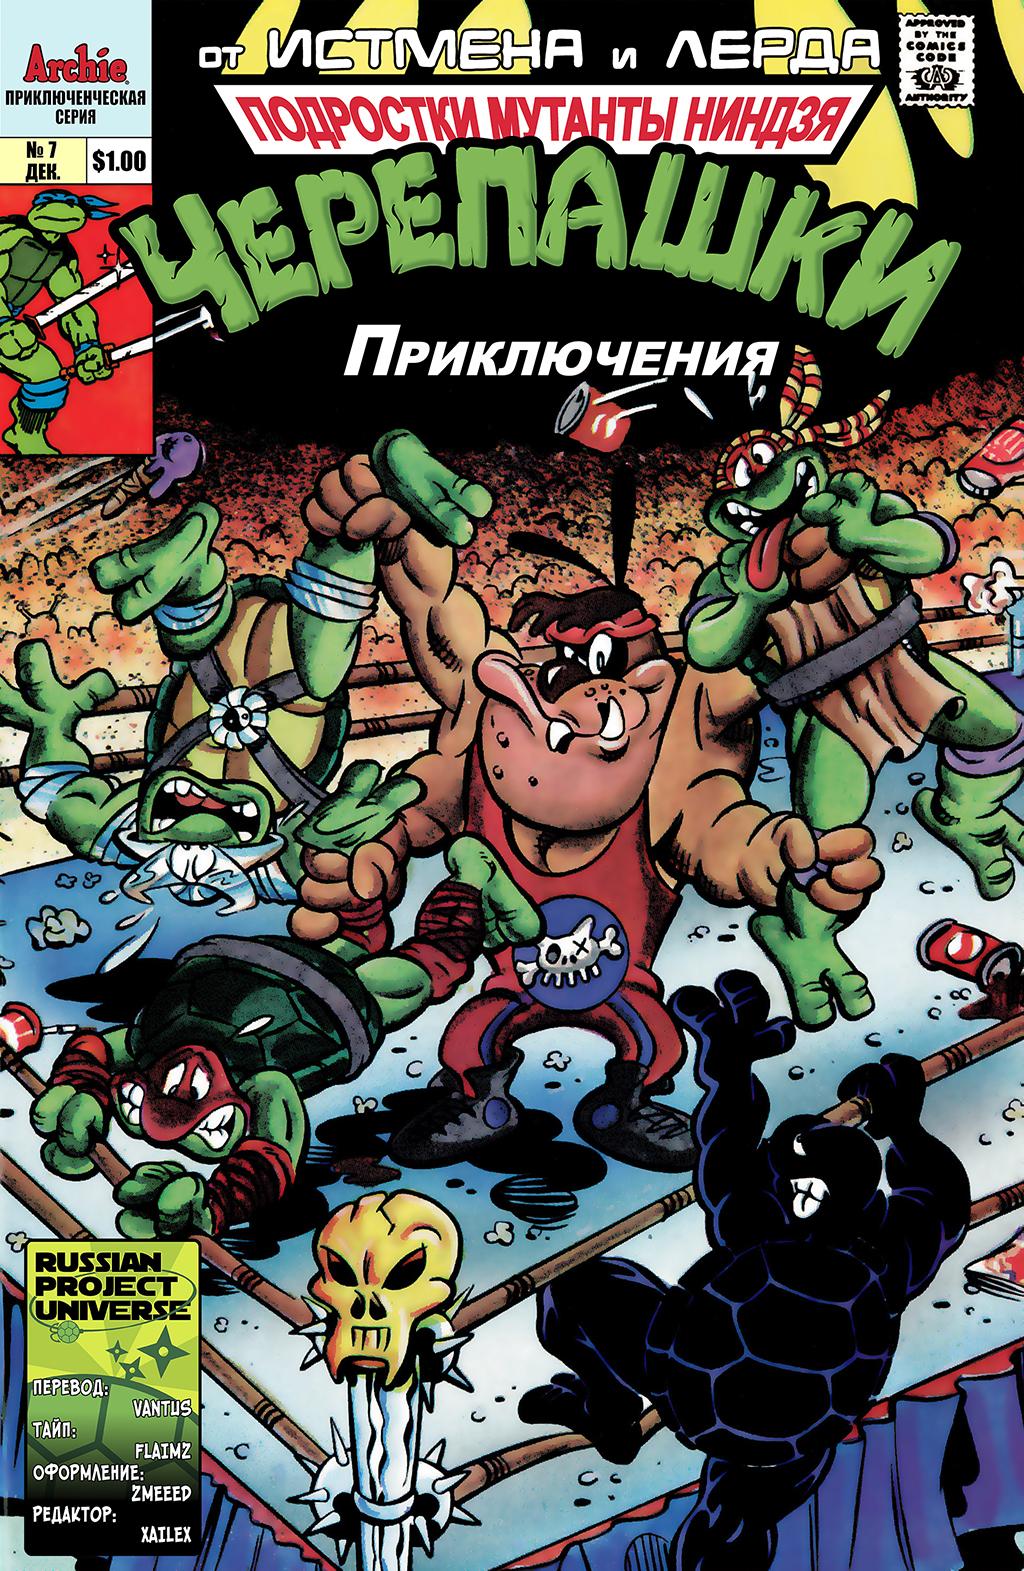 Комикс Подростки Мутанты Ниндзя Черепашки Приключения